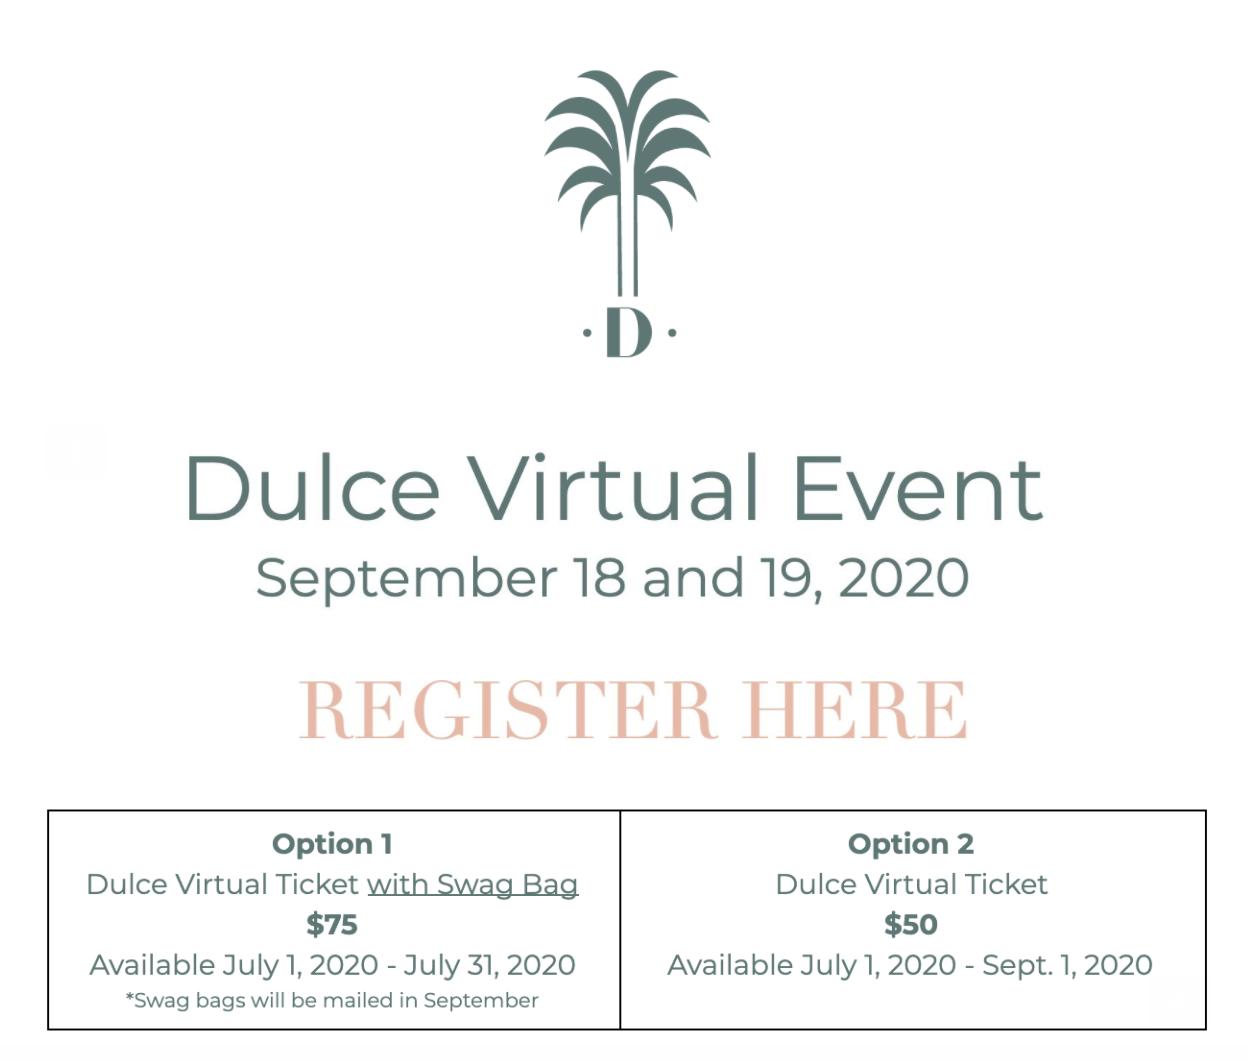 DULCE - VIRTUAL OPTIONS